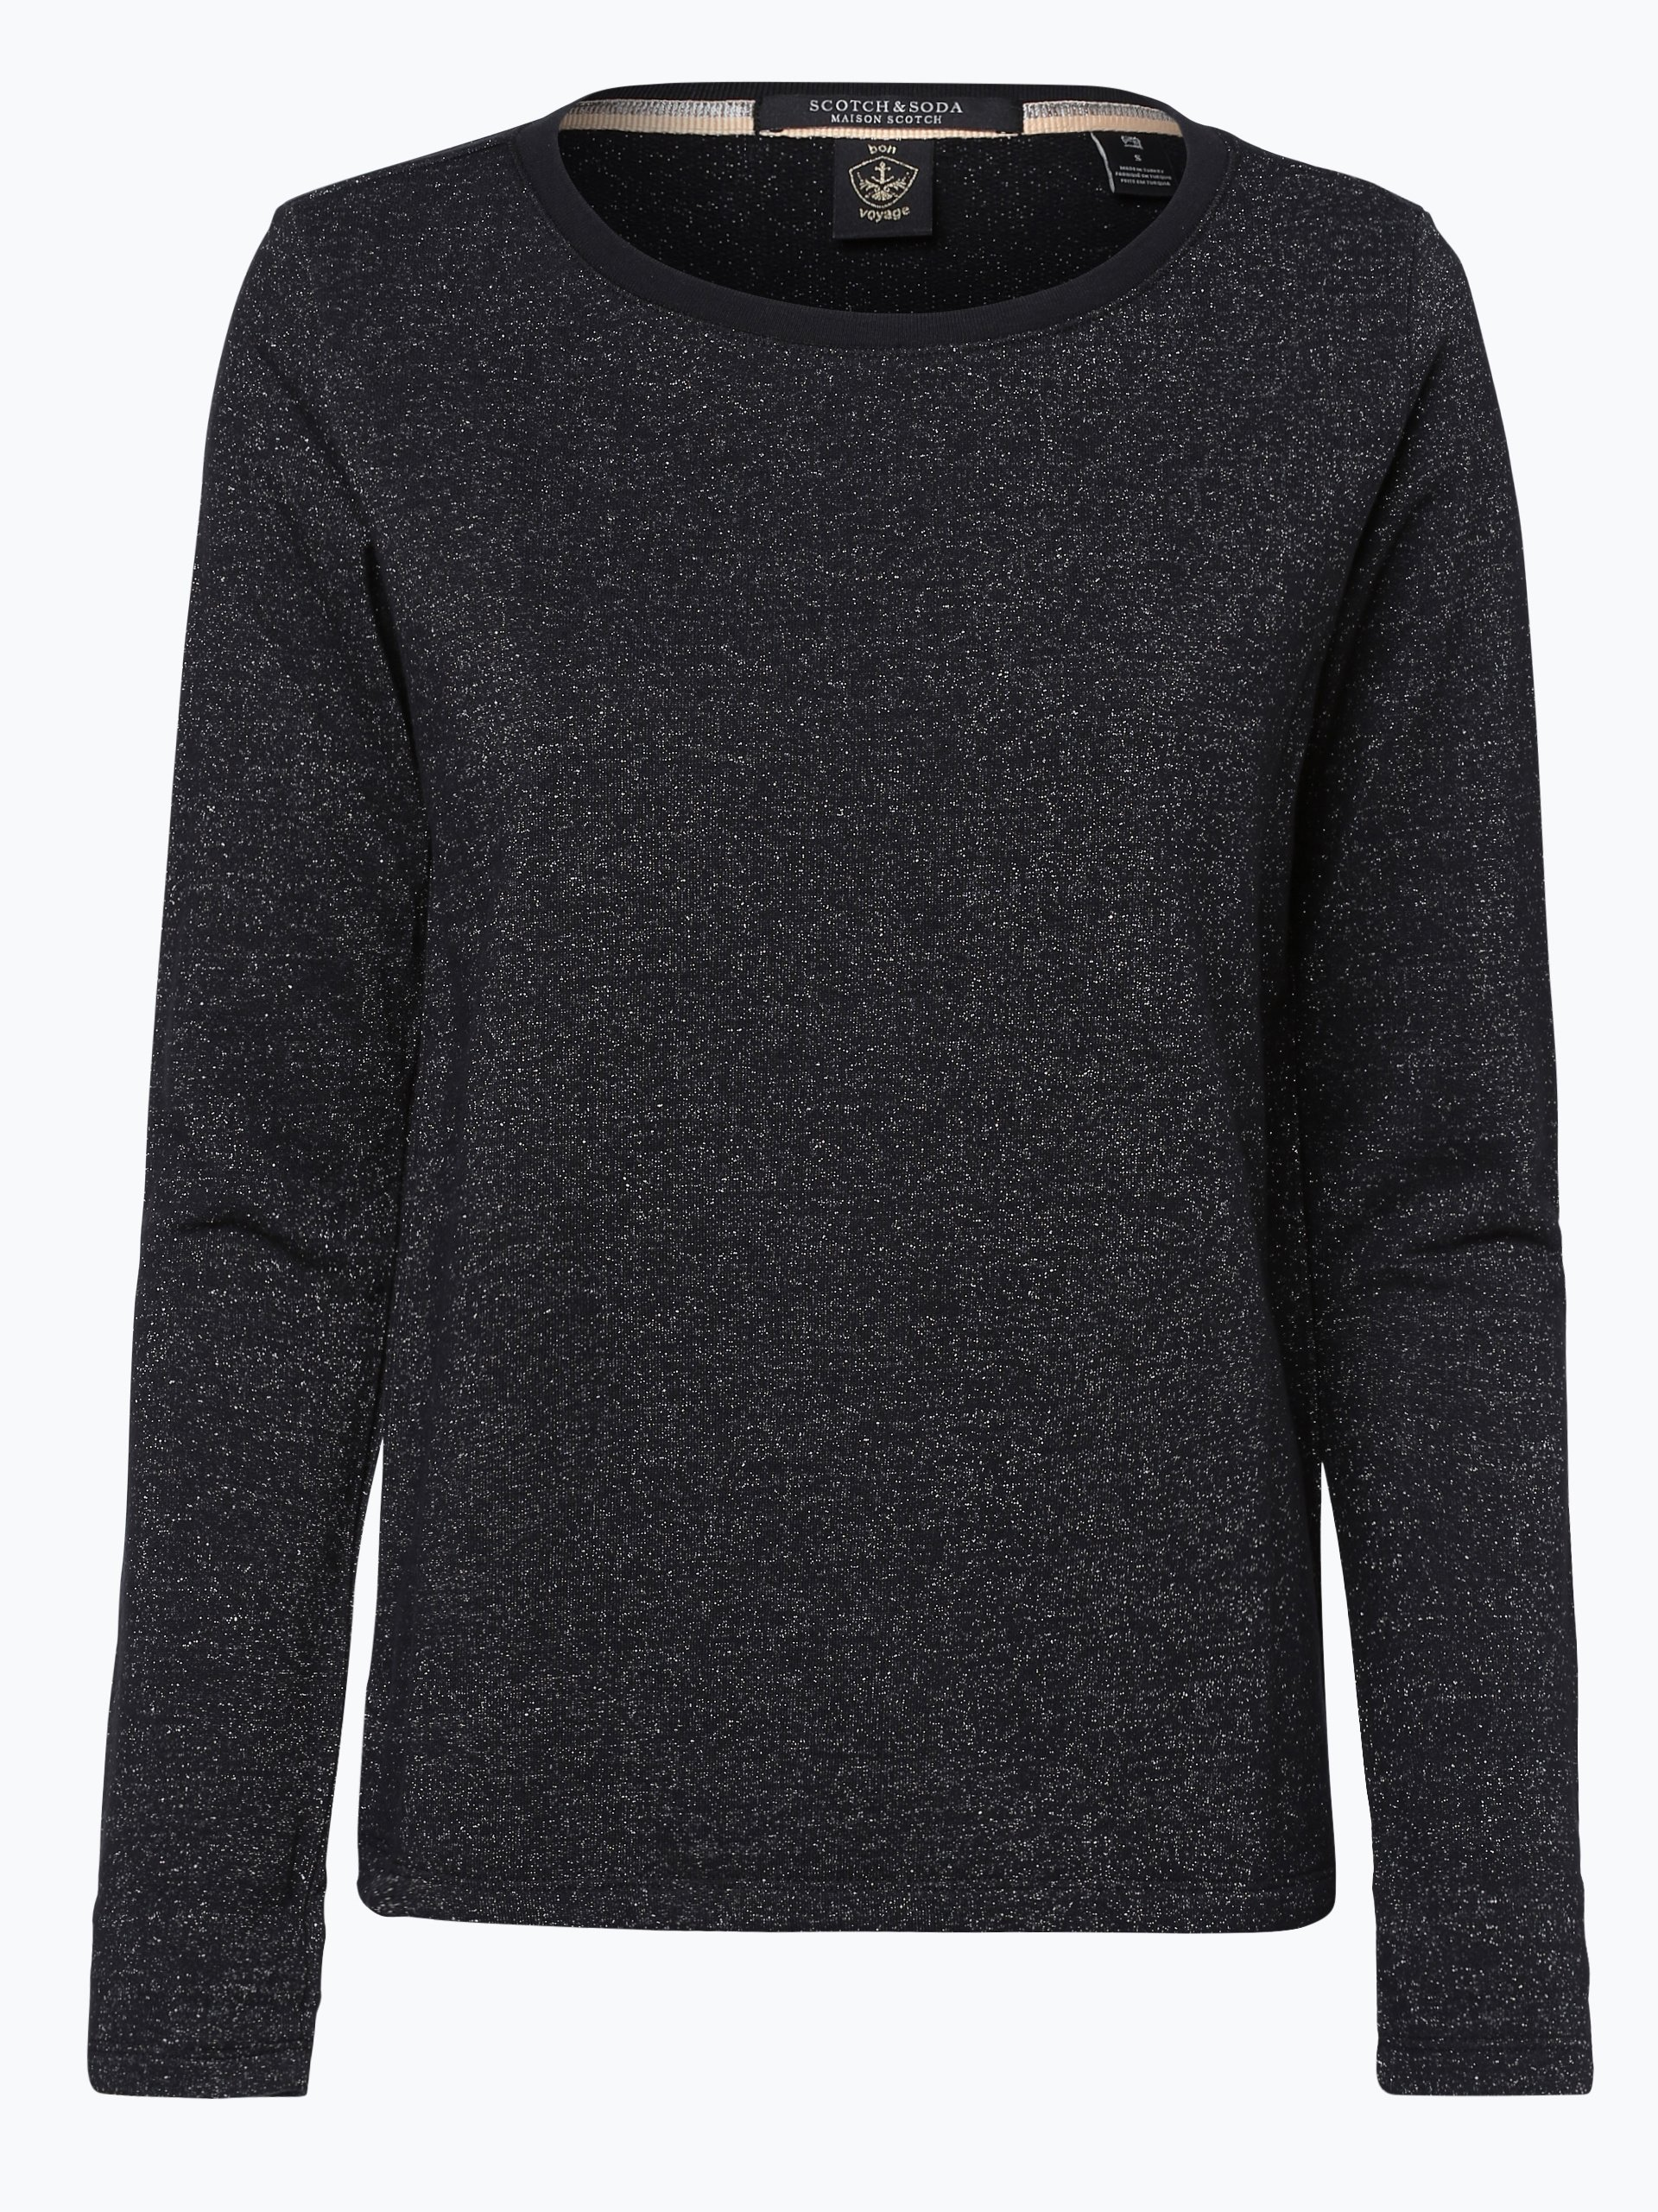 scotch soda damen sweatshirt schwarz uni online kaufen. Black Bedroom Furniture Sets. Home Design Ideas